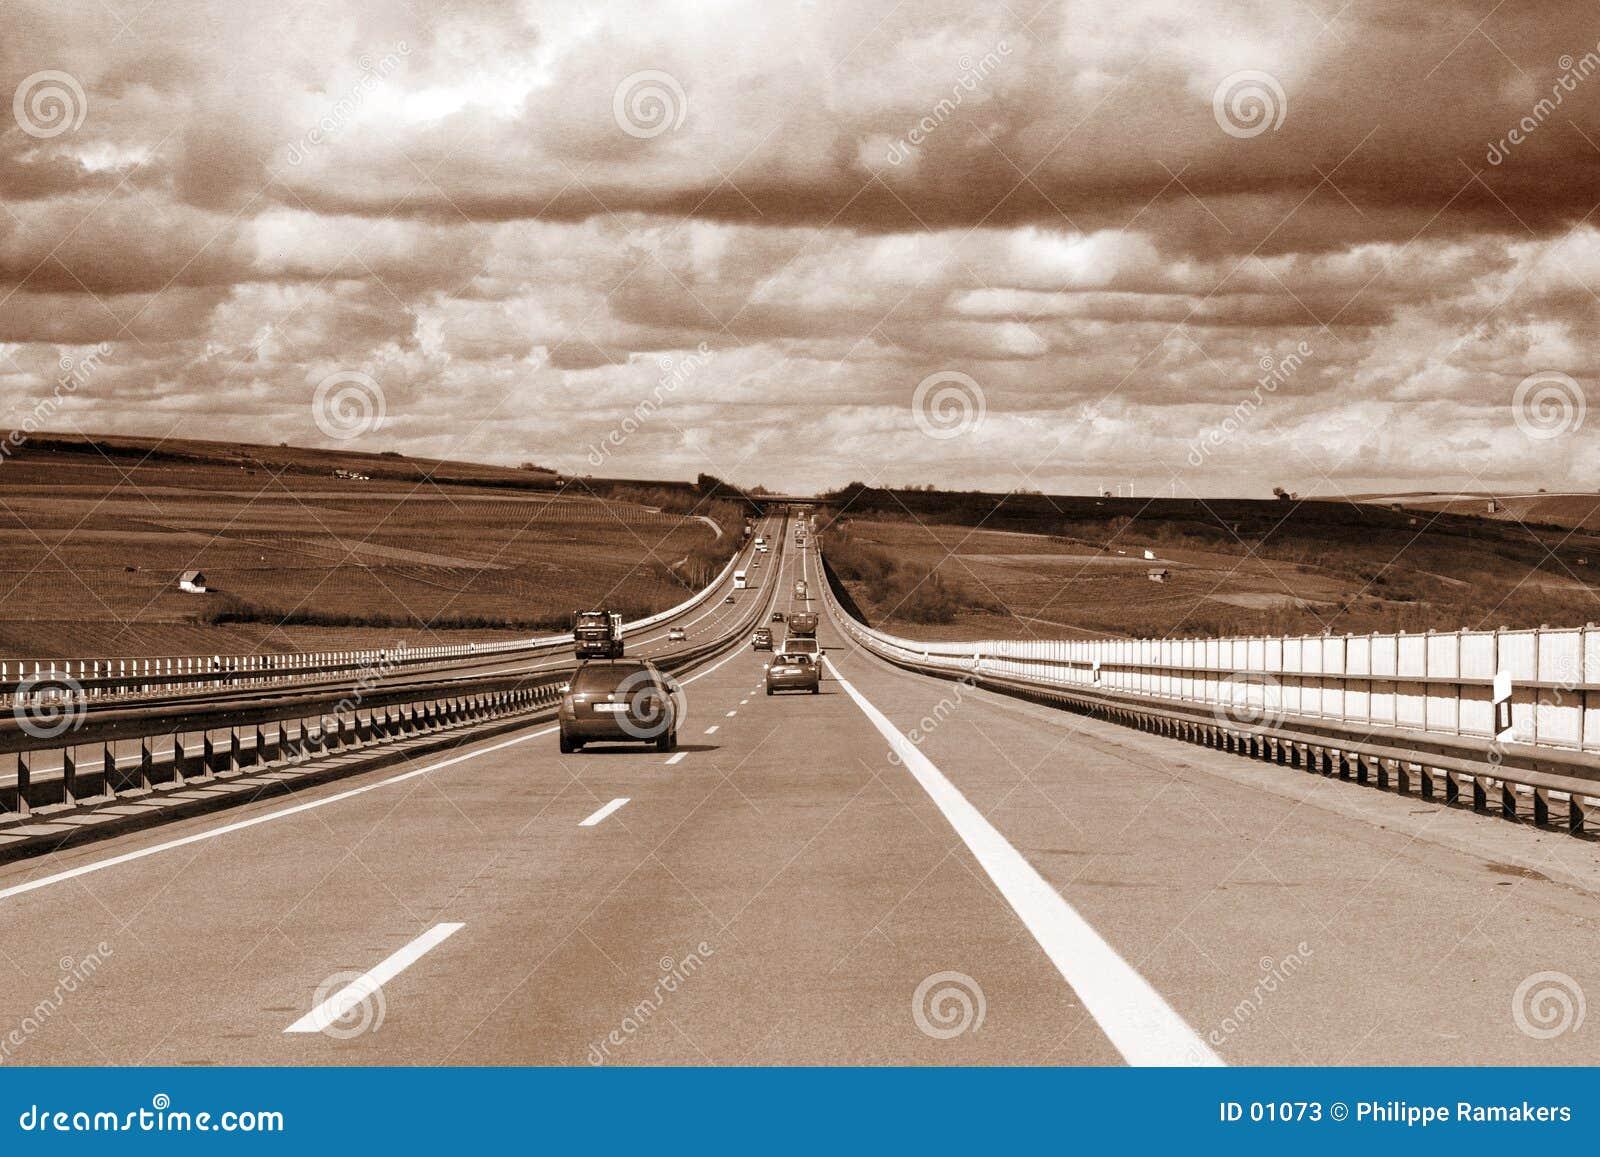 Tráfego da estrada